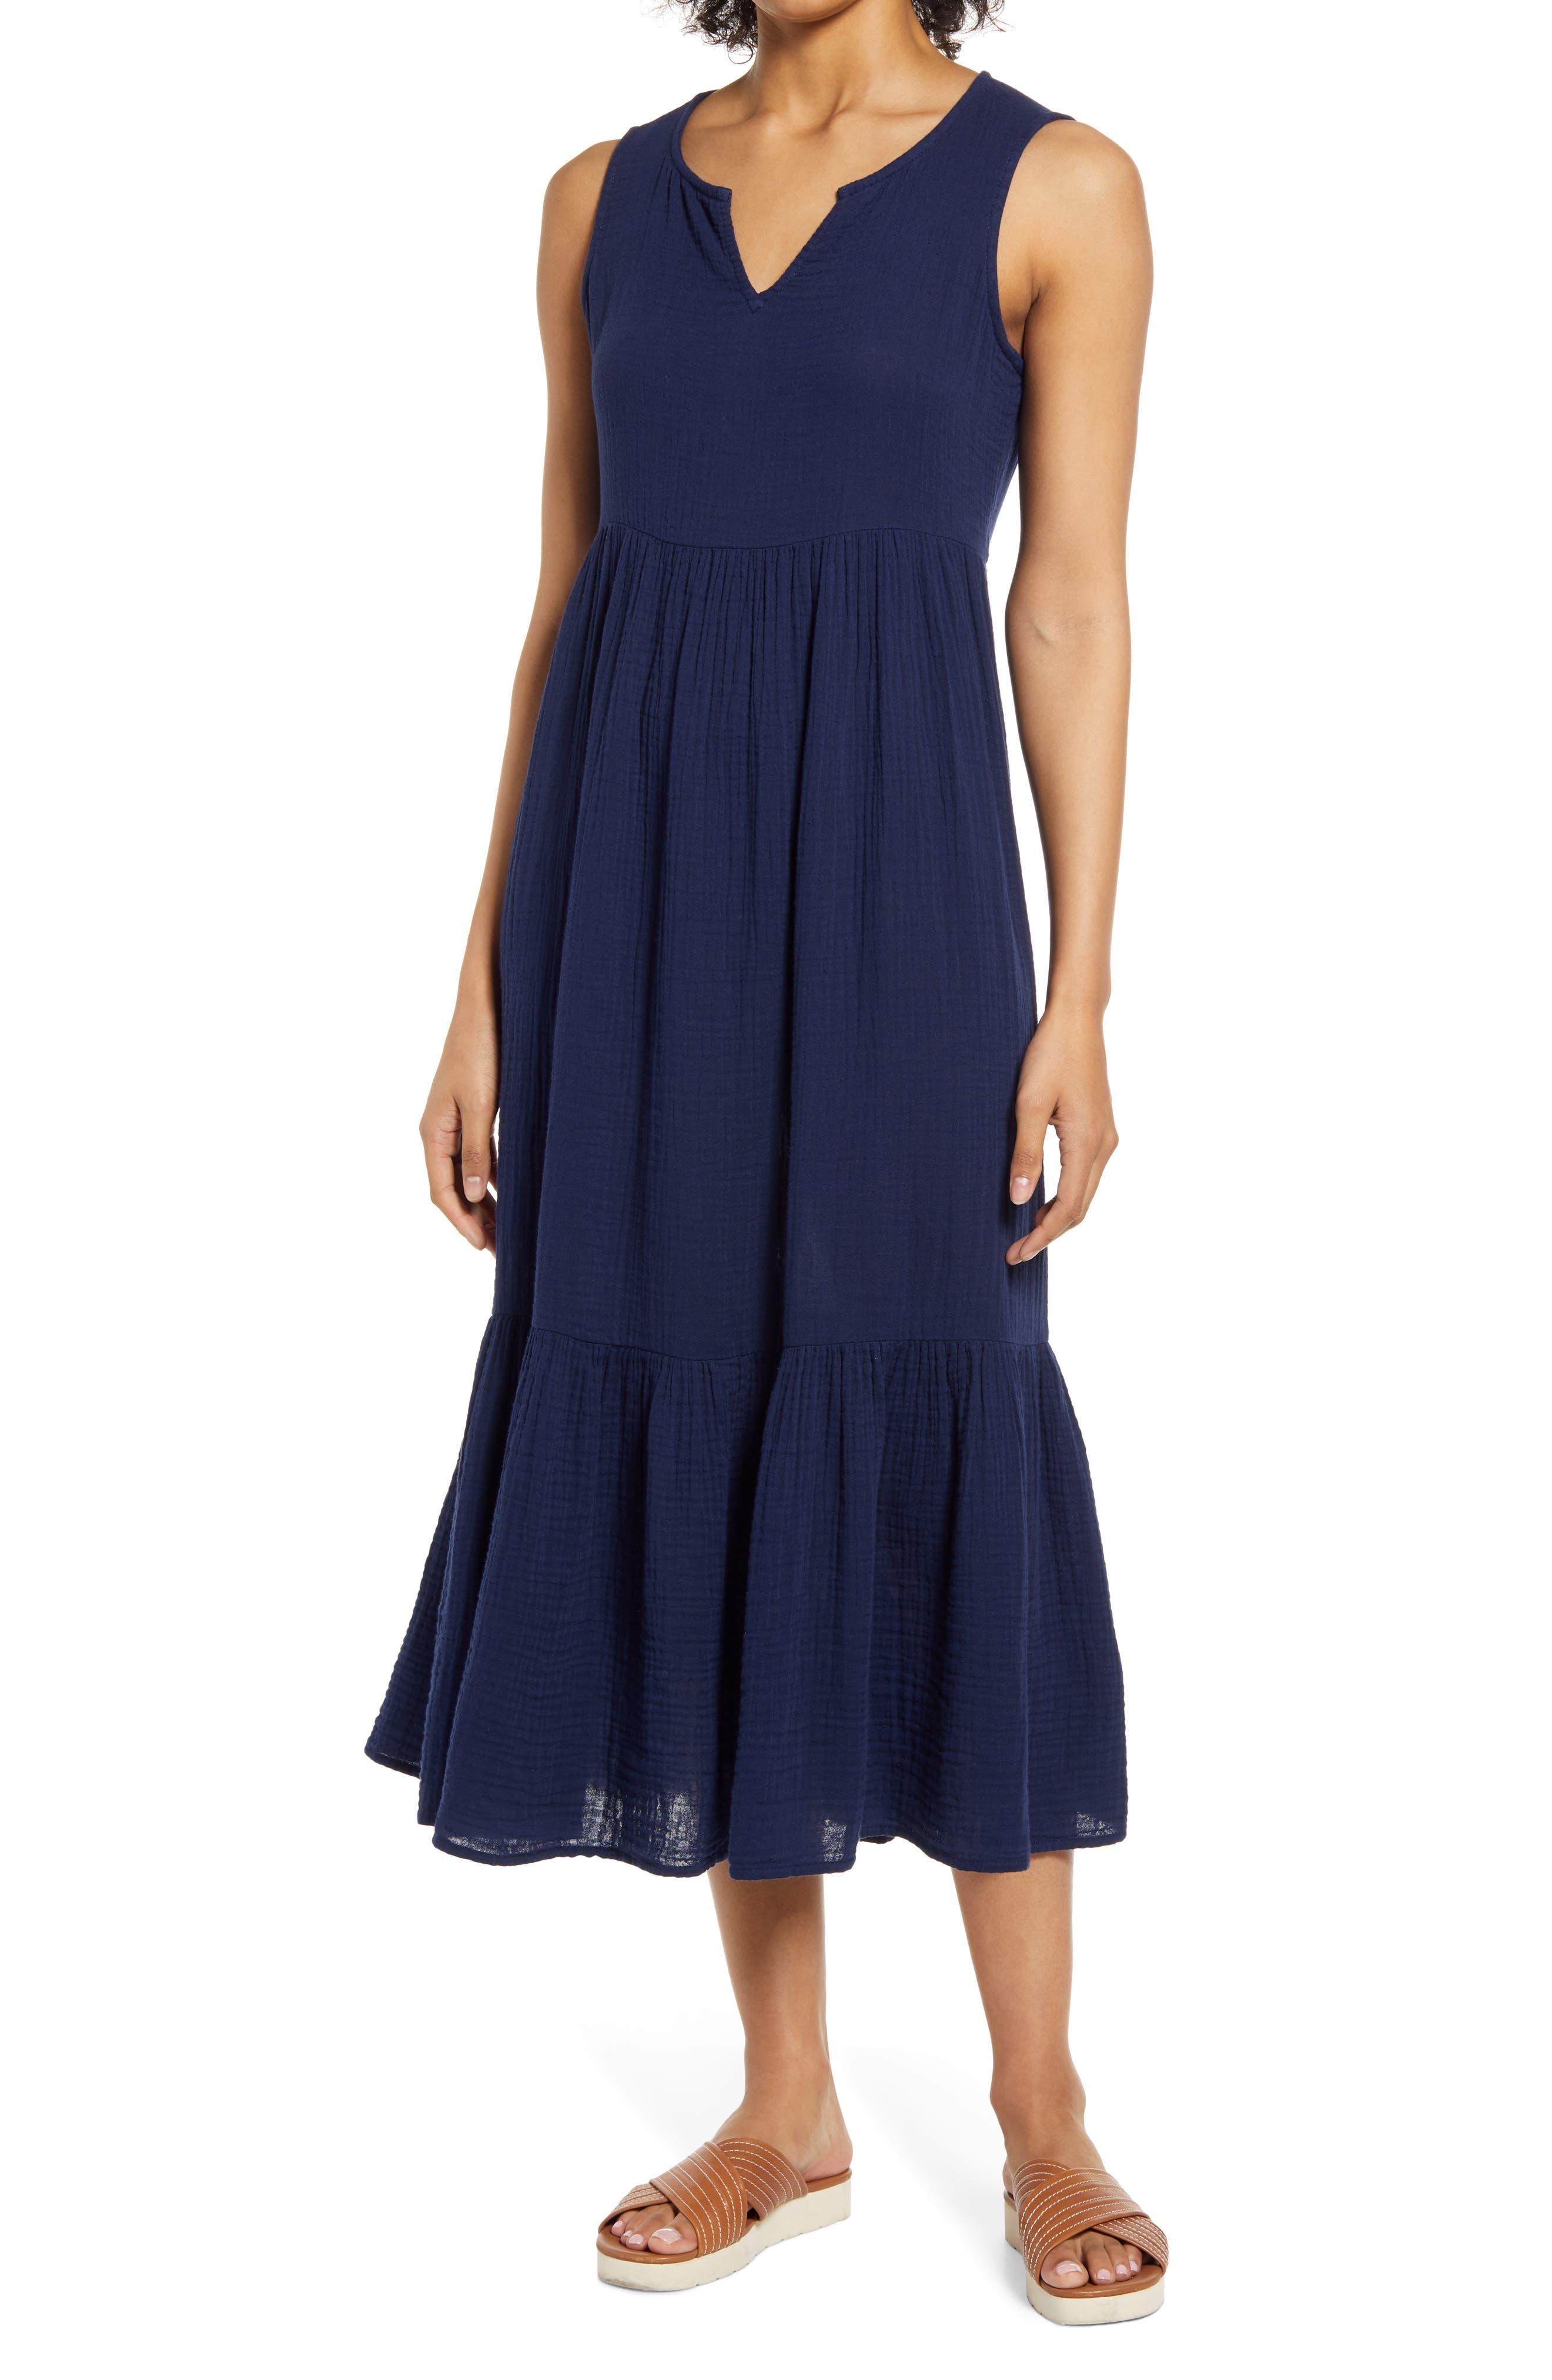 Reana Sleeveless Cotton Double Cloth Midi Dress